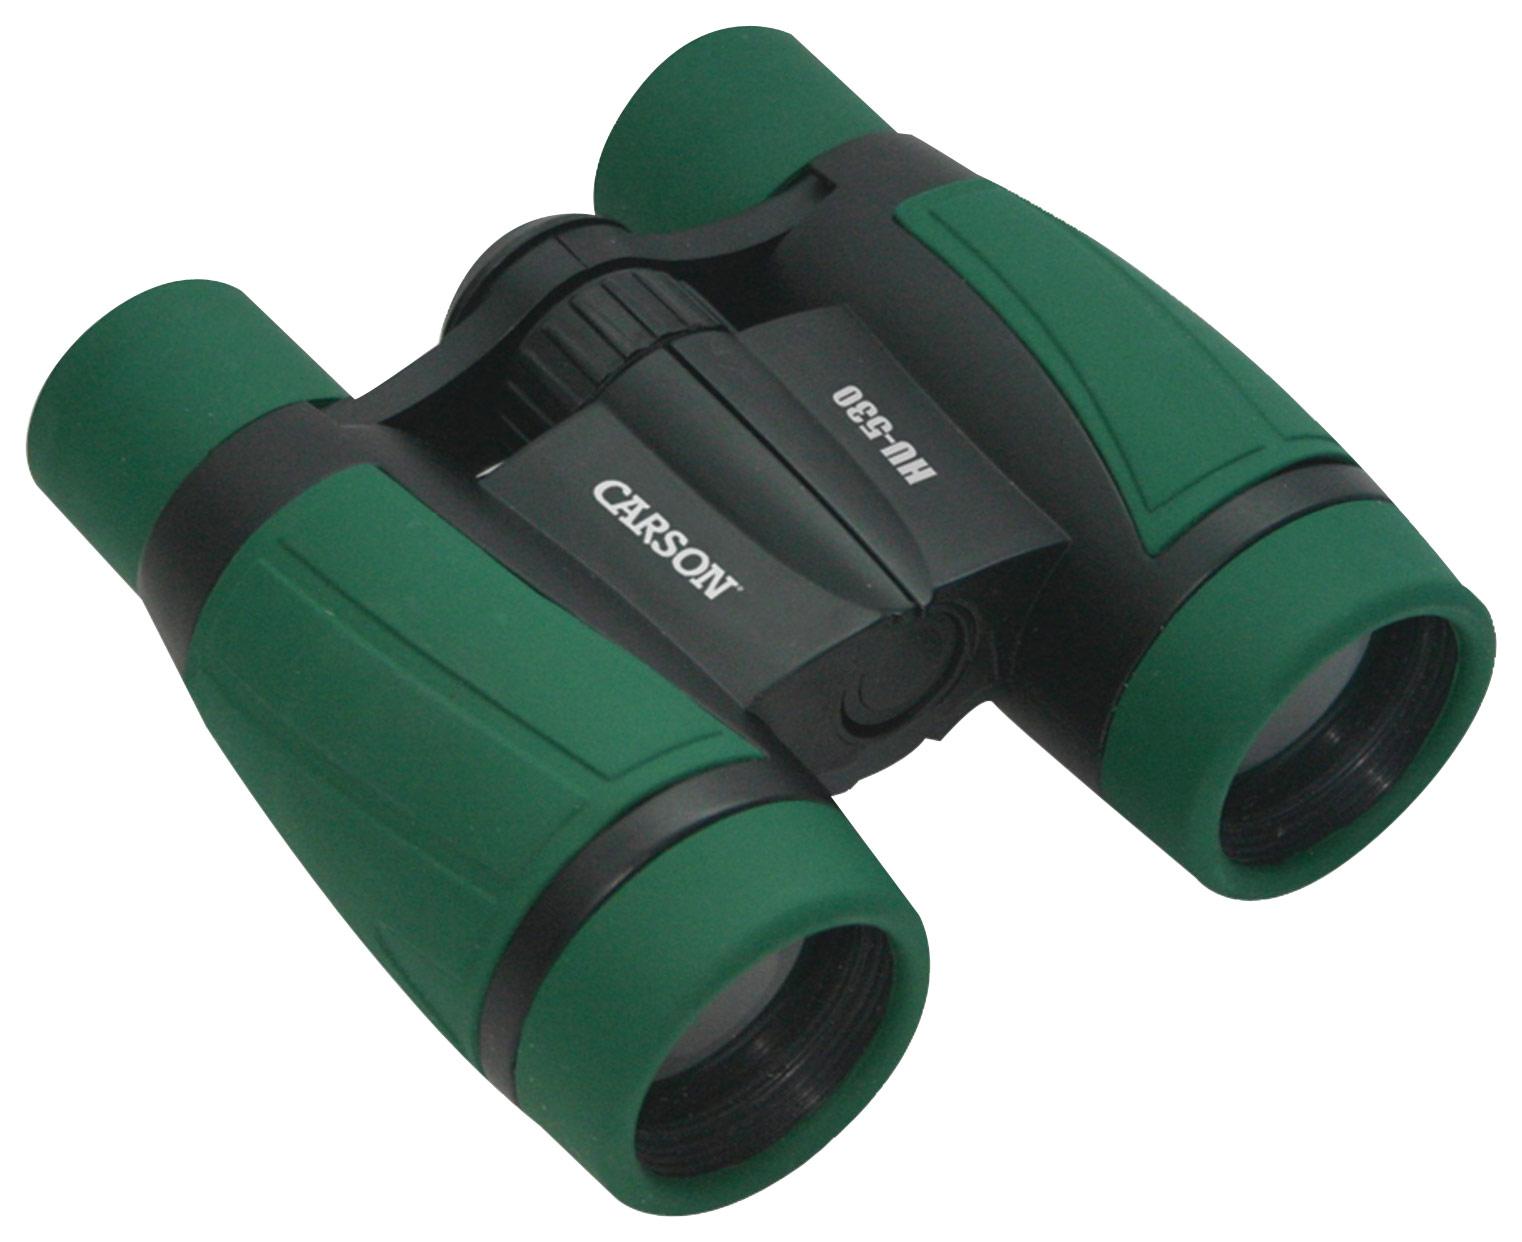 Carson - Hawk 5 x 30 Kids' Deluxe Ultra Binoculars - Green